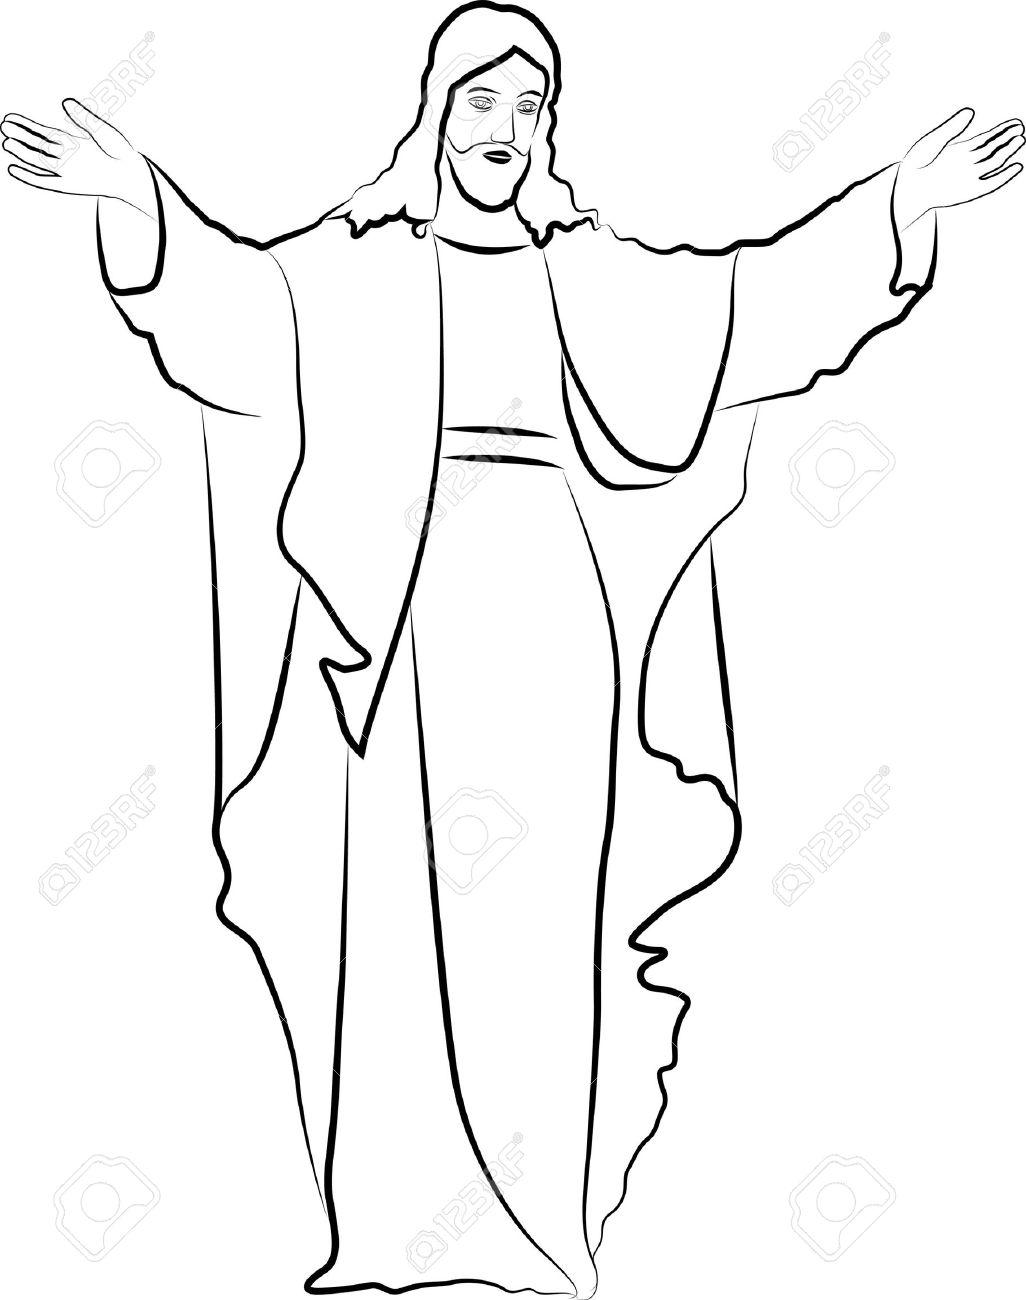 Sketch jesus christ stock vector 16552757